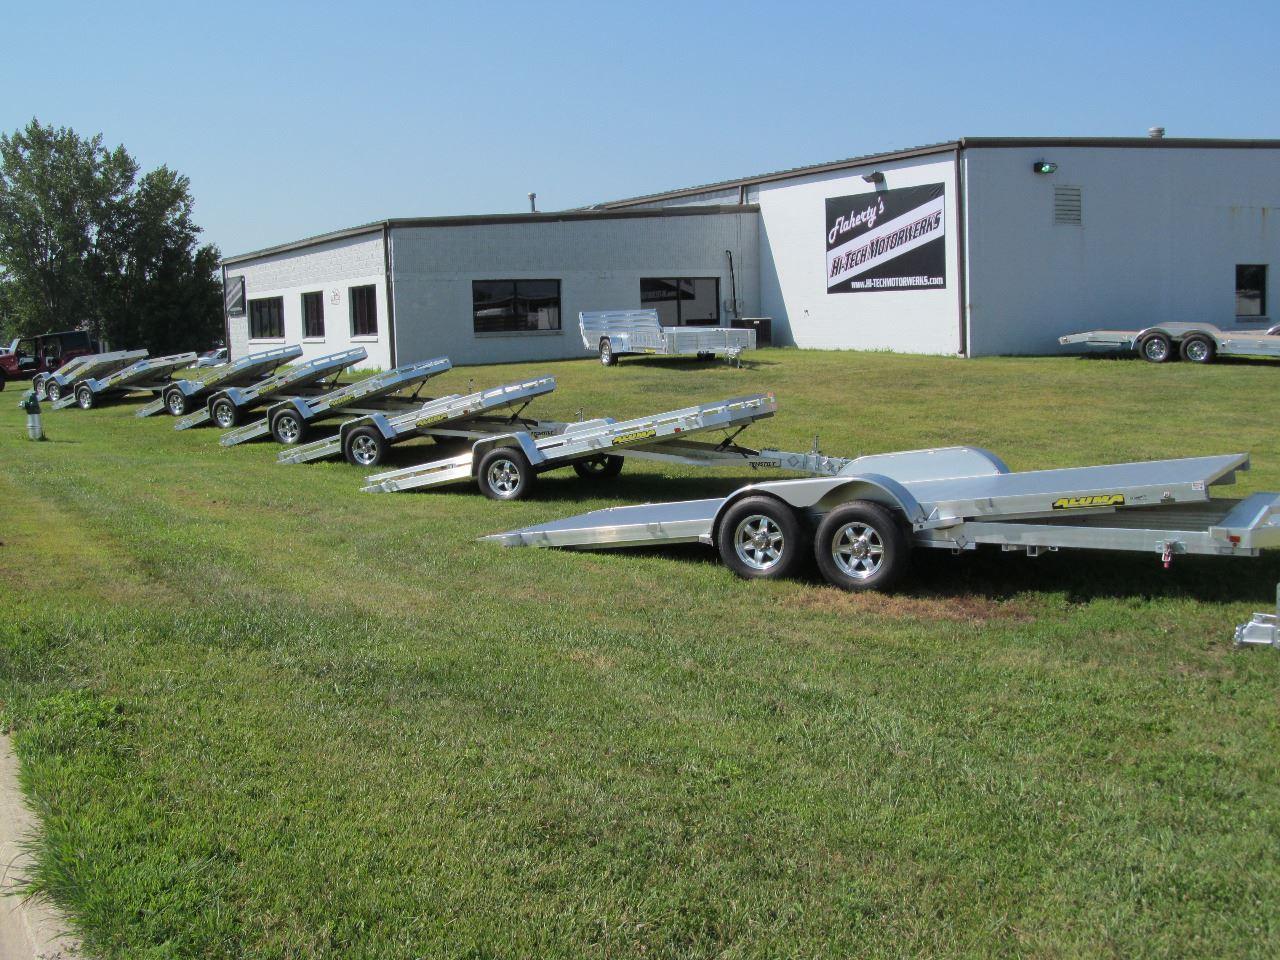 Flaherty's Hi-Tech Motorwerks